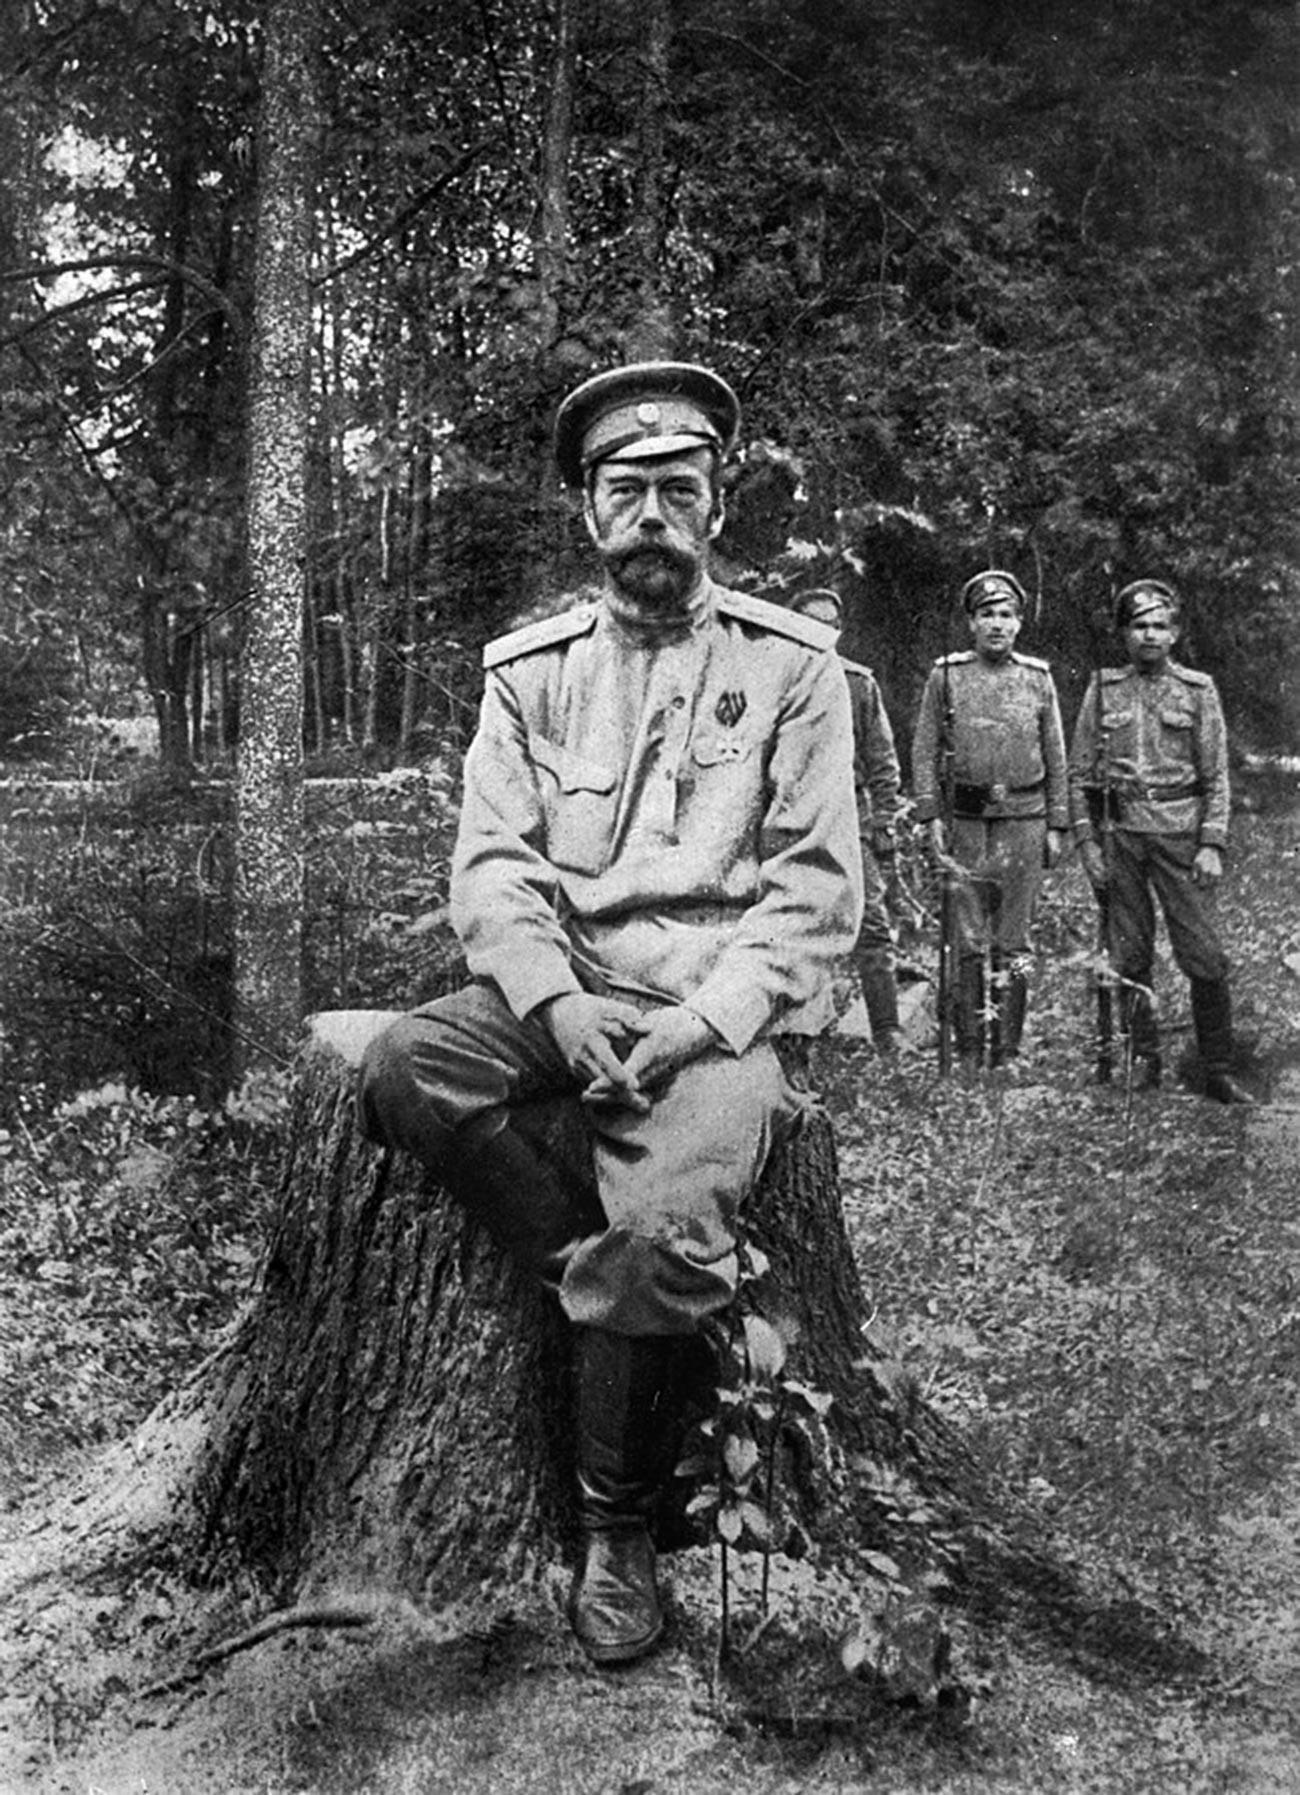 Император Николај II после одрицања од престола. Царско Село, пролеће и лето 1917.